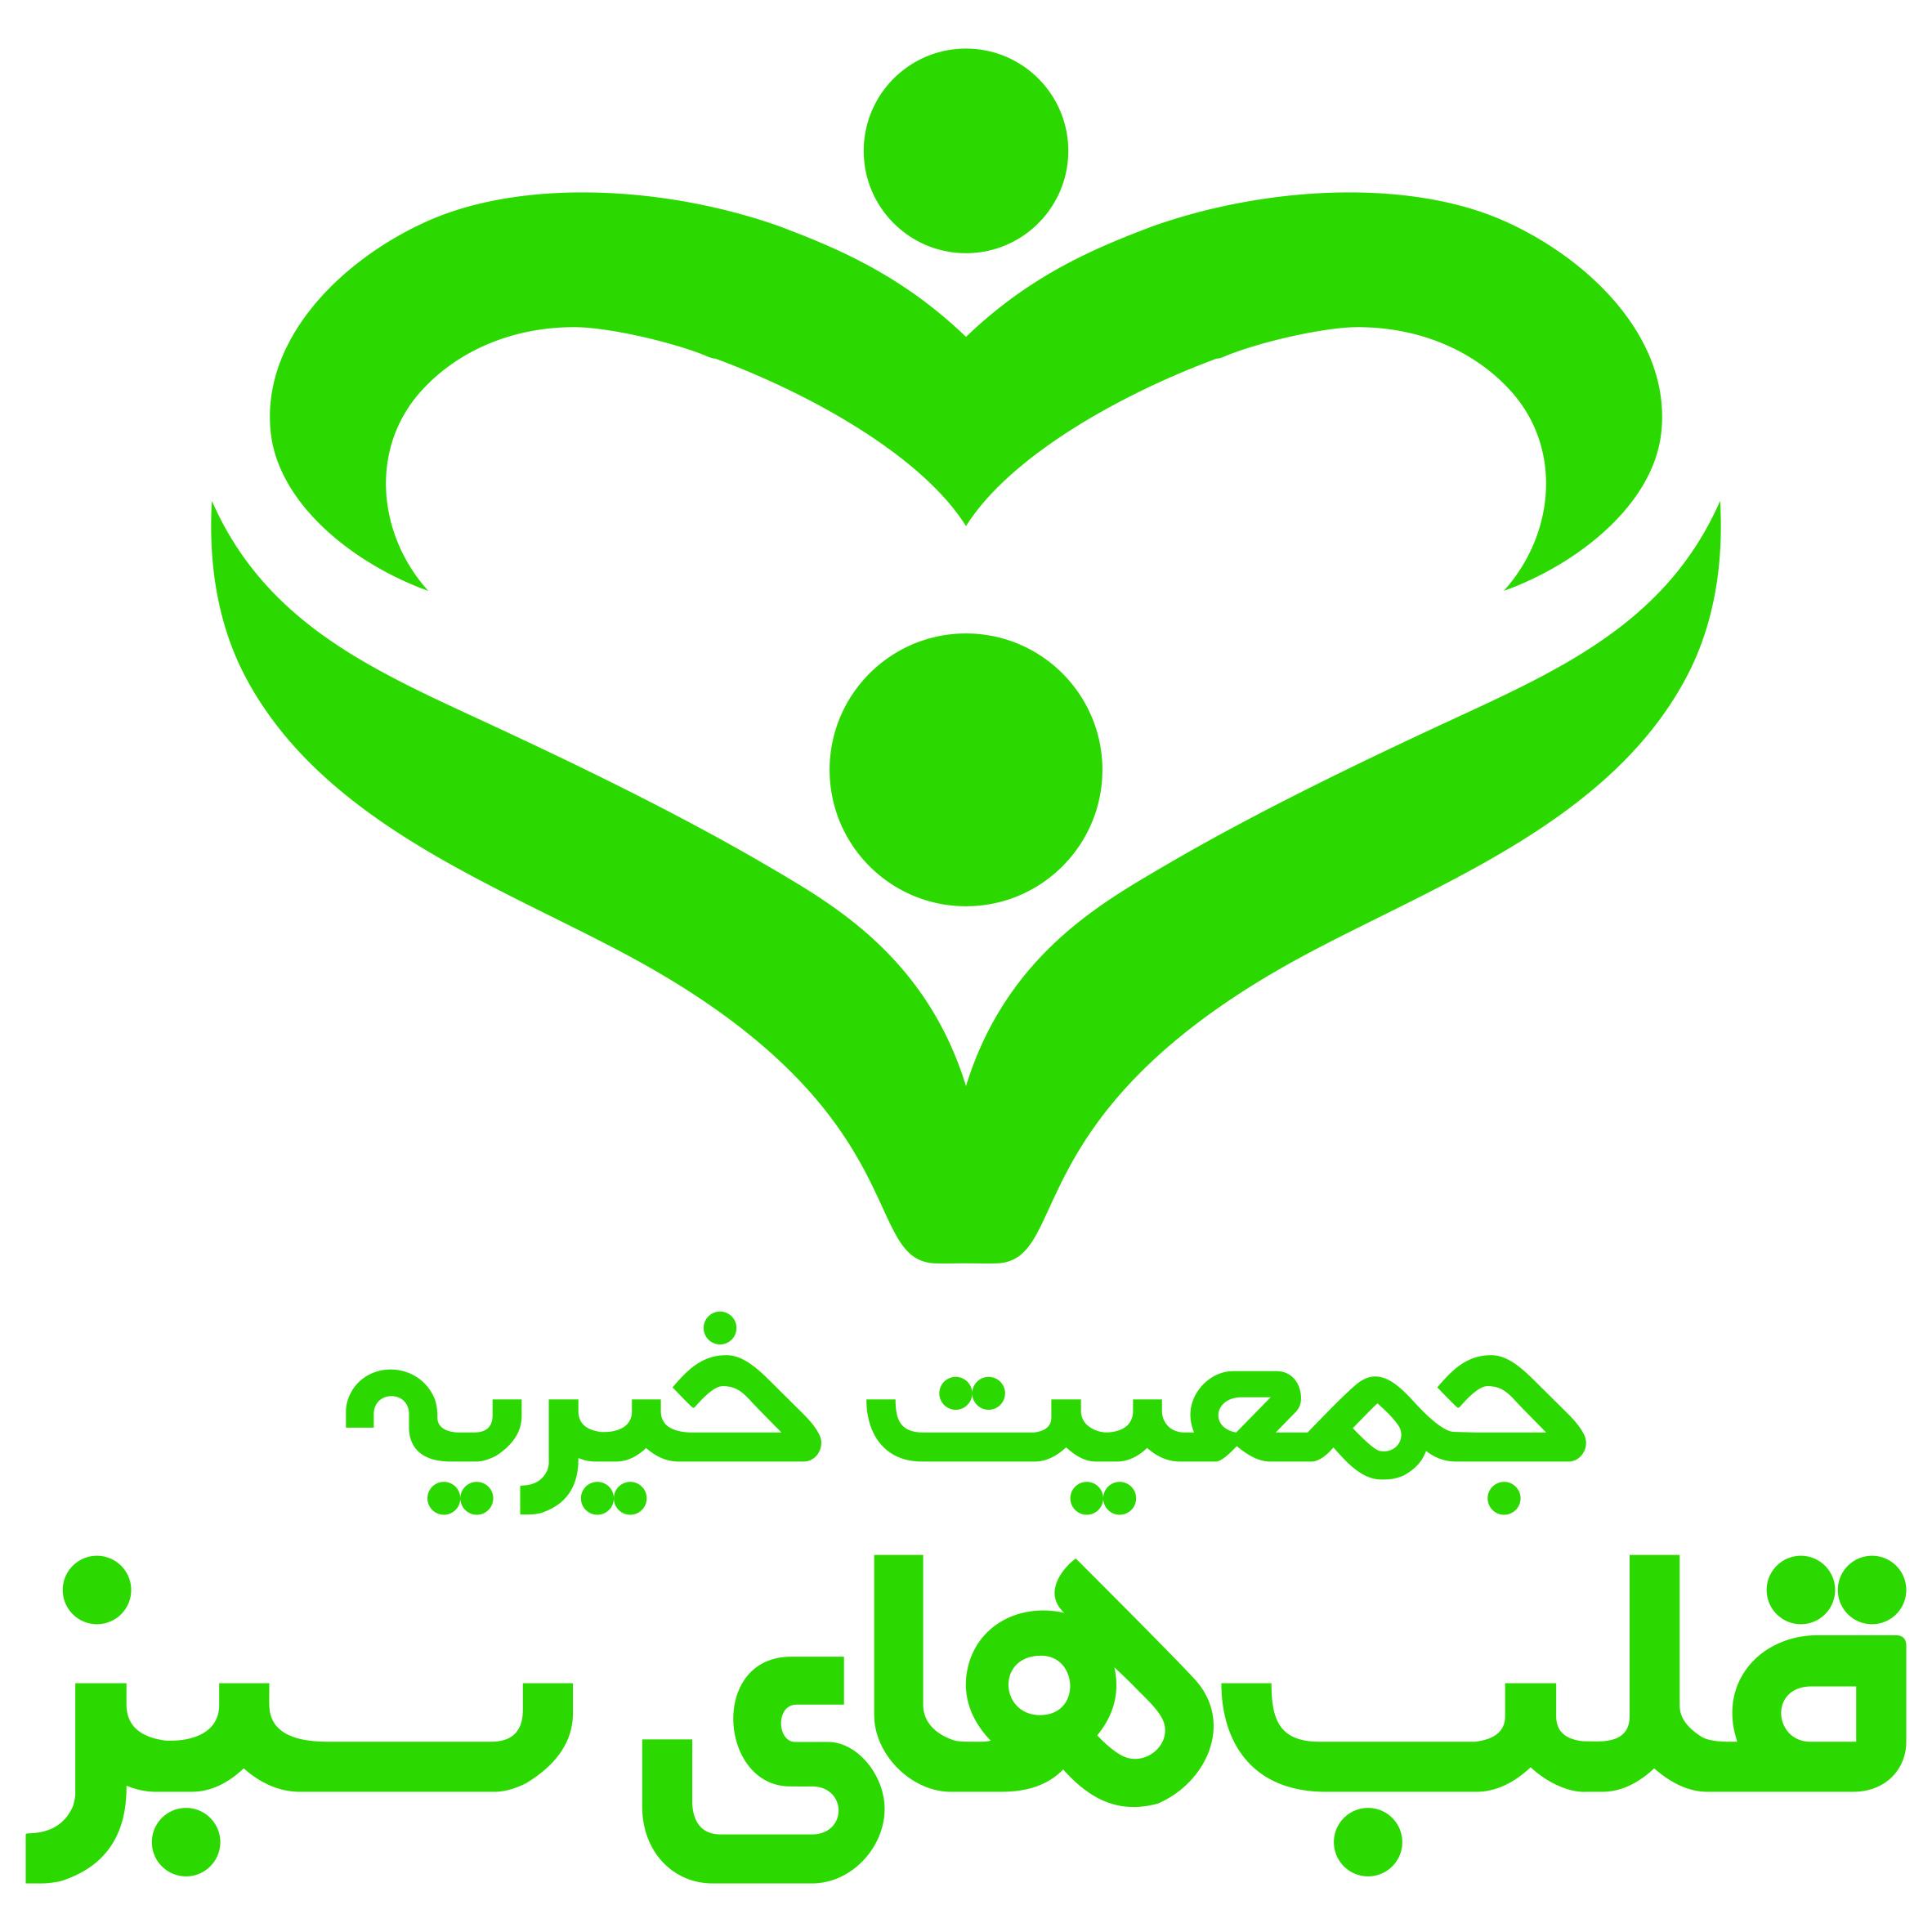 توزیع سبد کالا به ارزش بیش از یک میلیارد ریال توسط جمعیت خیریه قلب های سبز